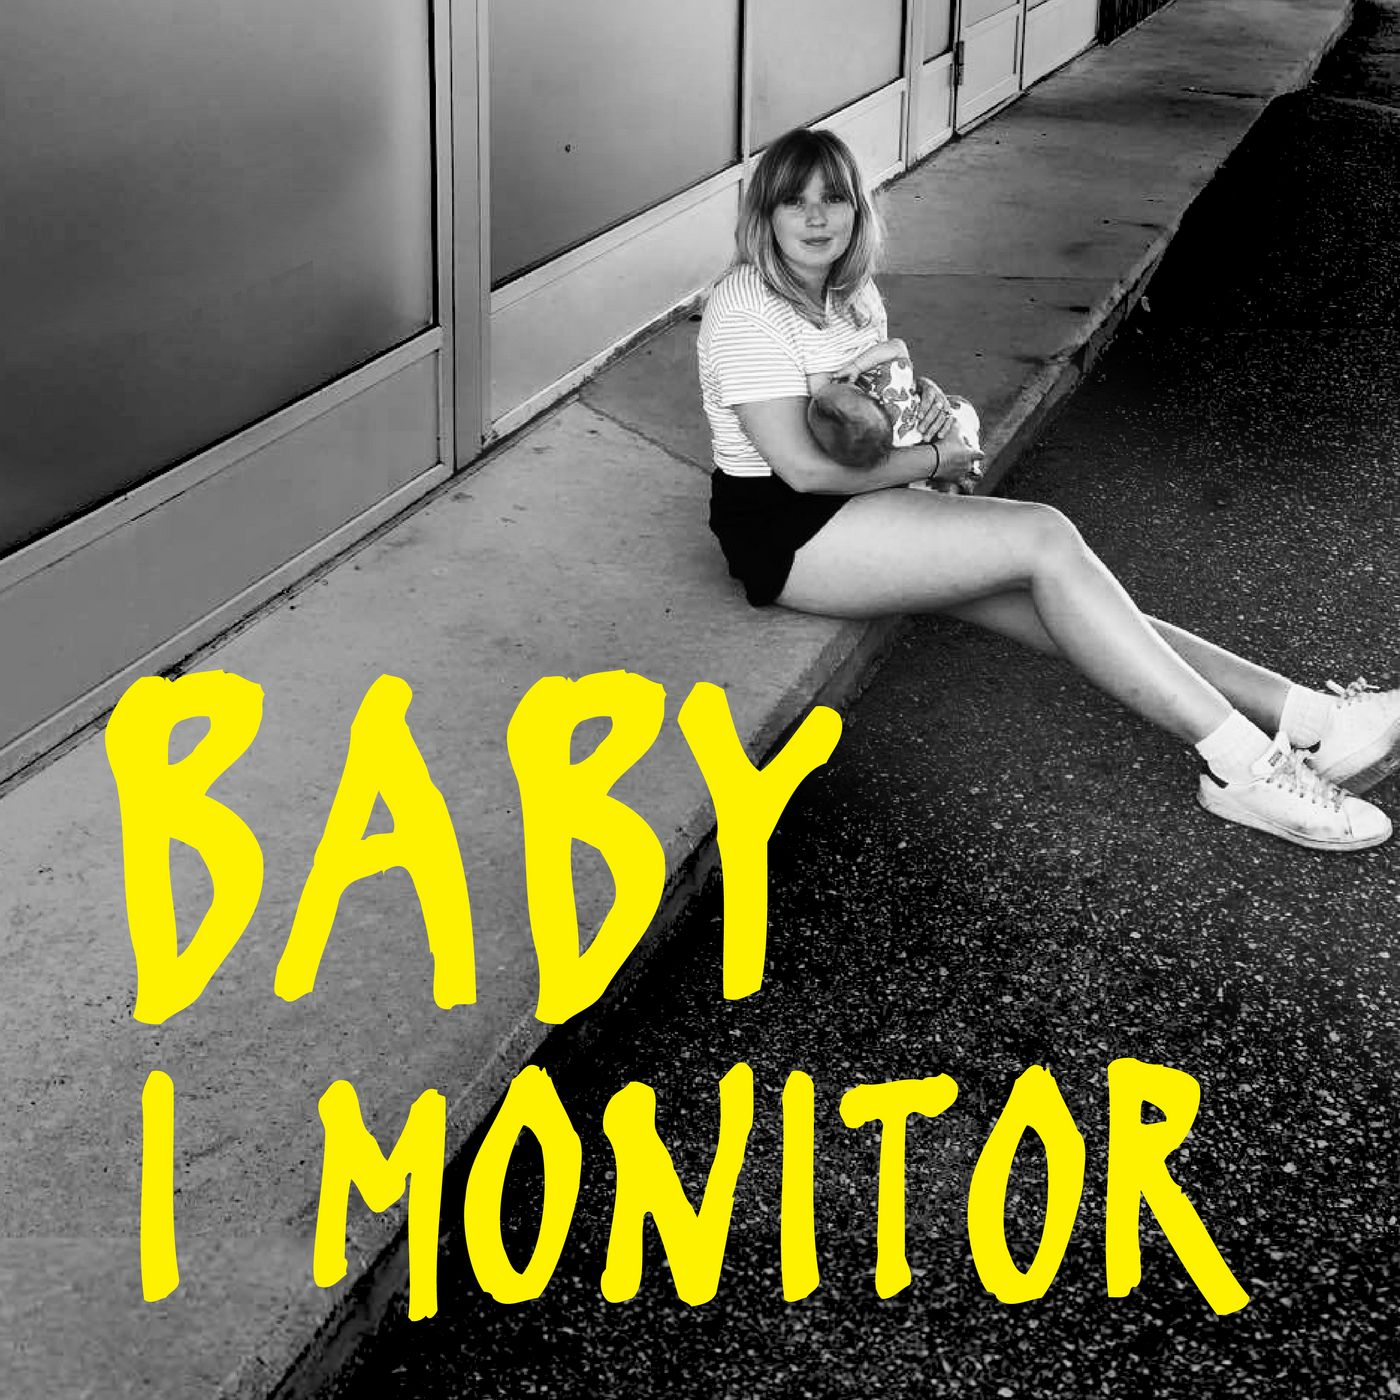 Baby i Monitor